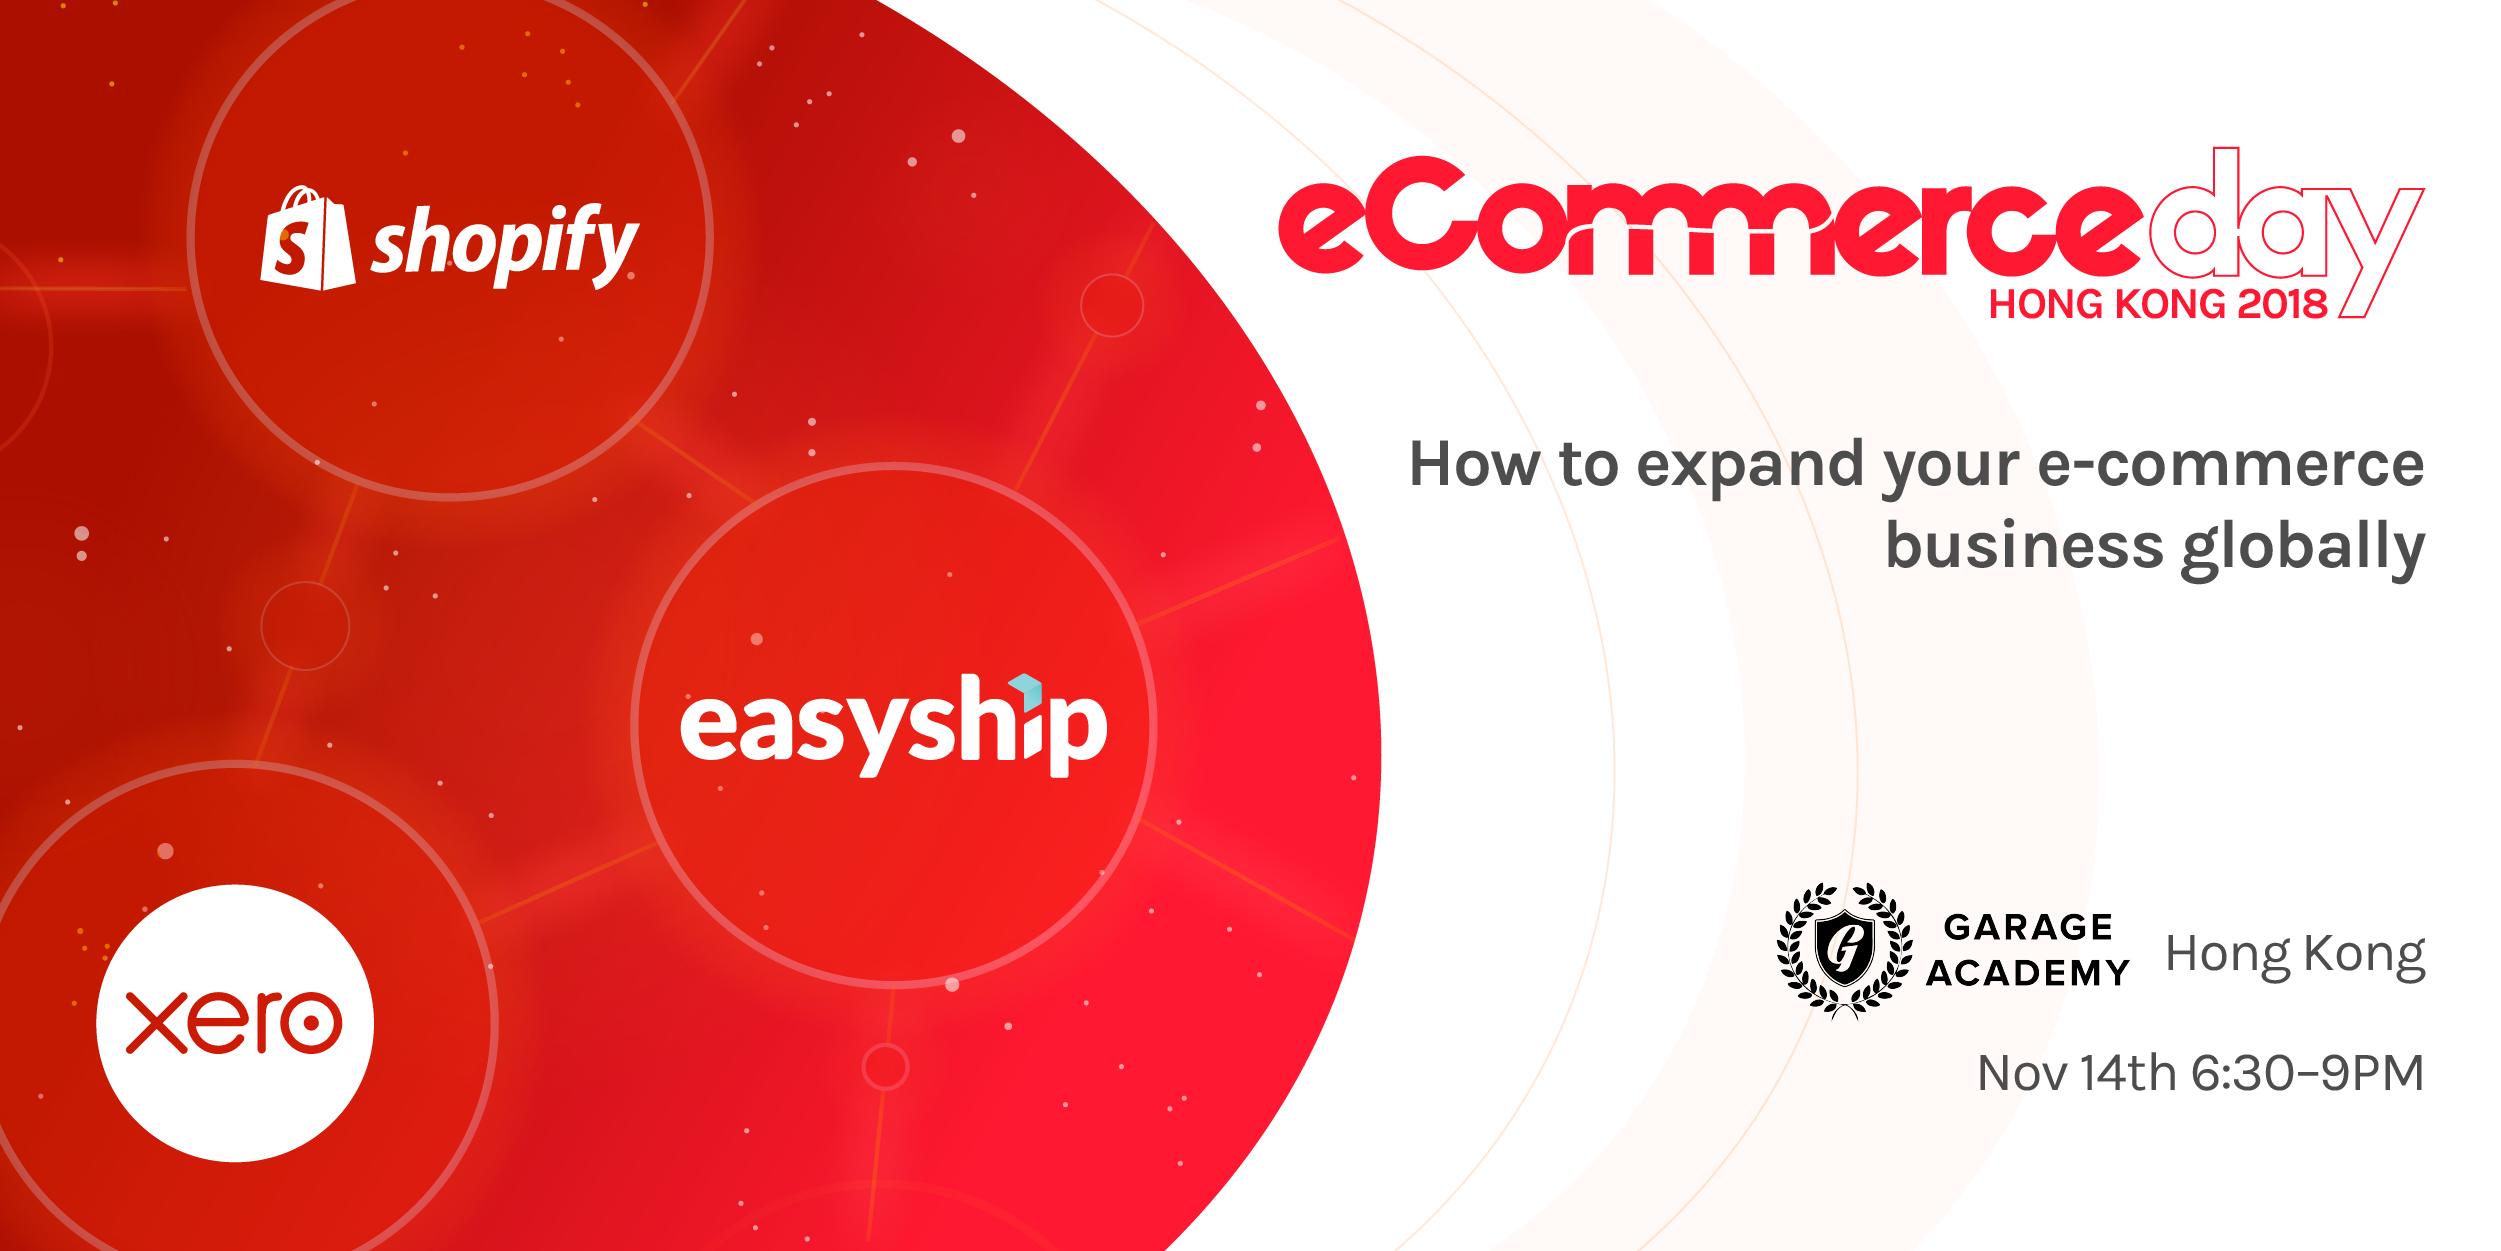 eCommerceDay_HK2018_Google- Fb ad